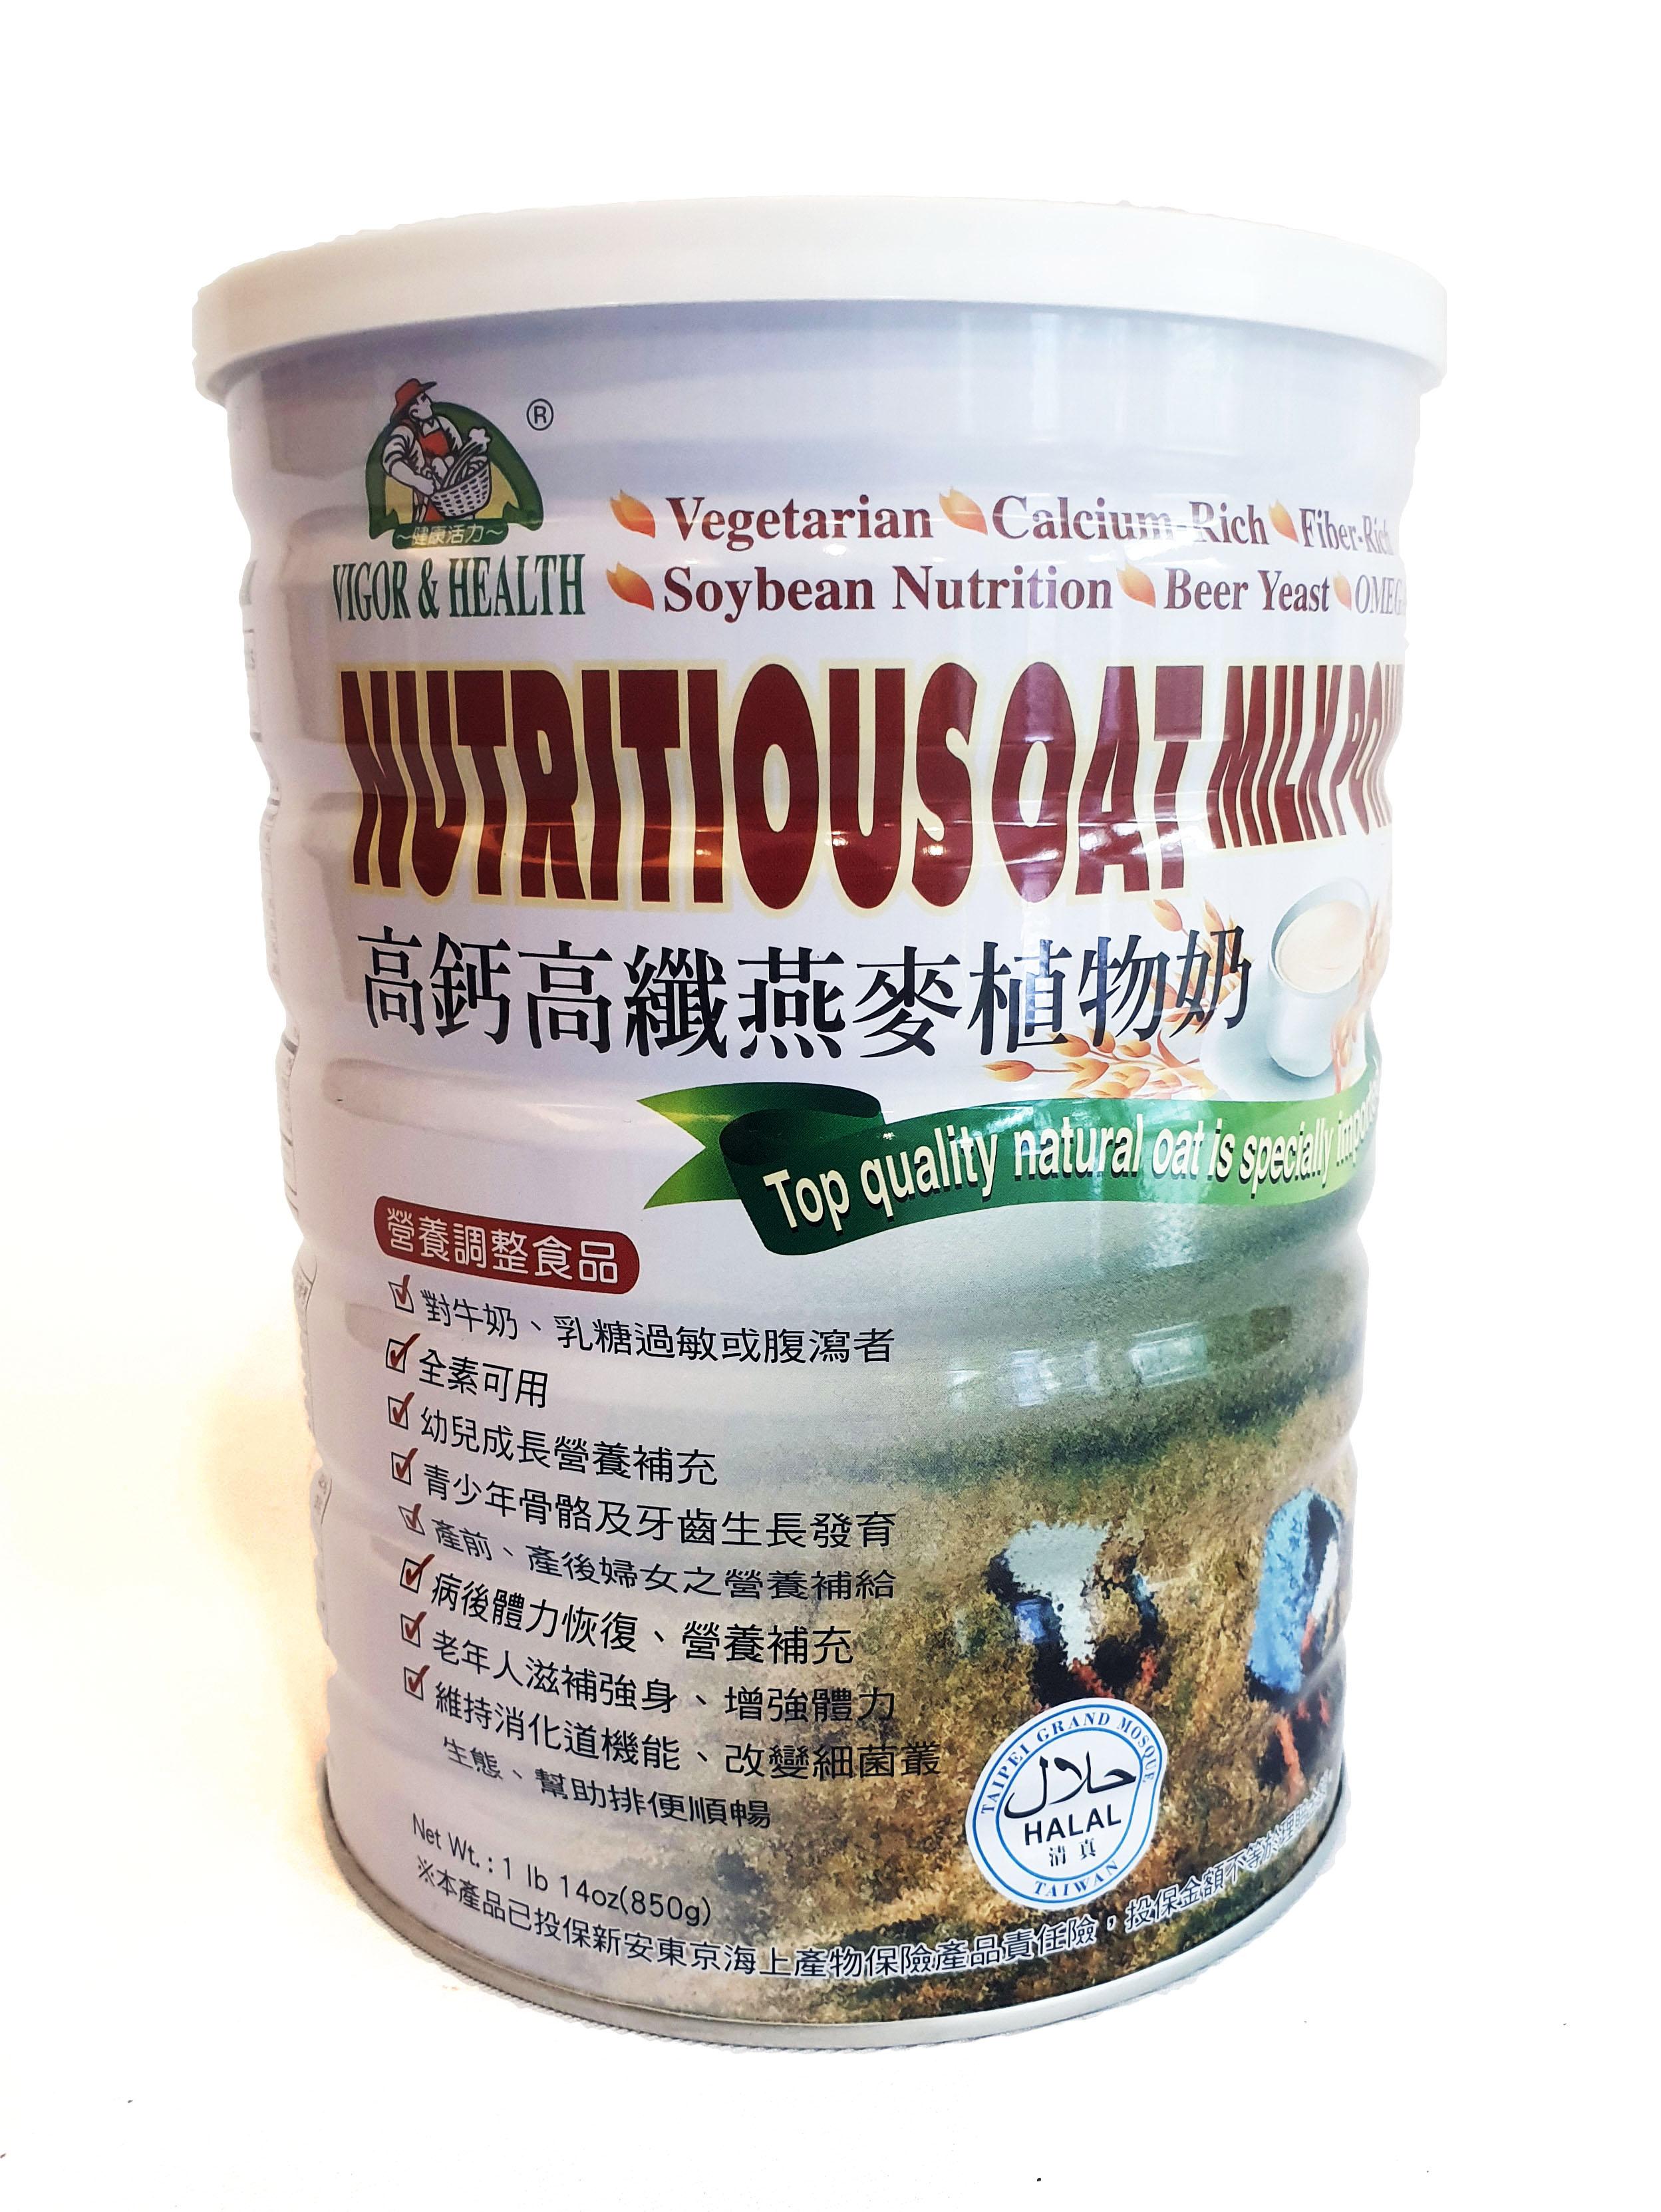 有機廚坊 高鈣高纖燕麥植物奶 850公克/罐 (保健食品/膳食纖維/非基因改造大豆)